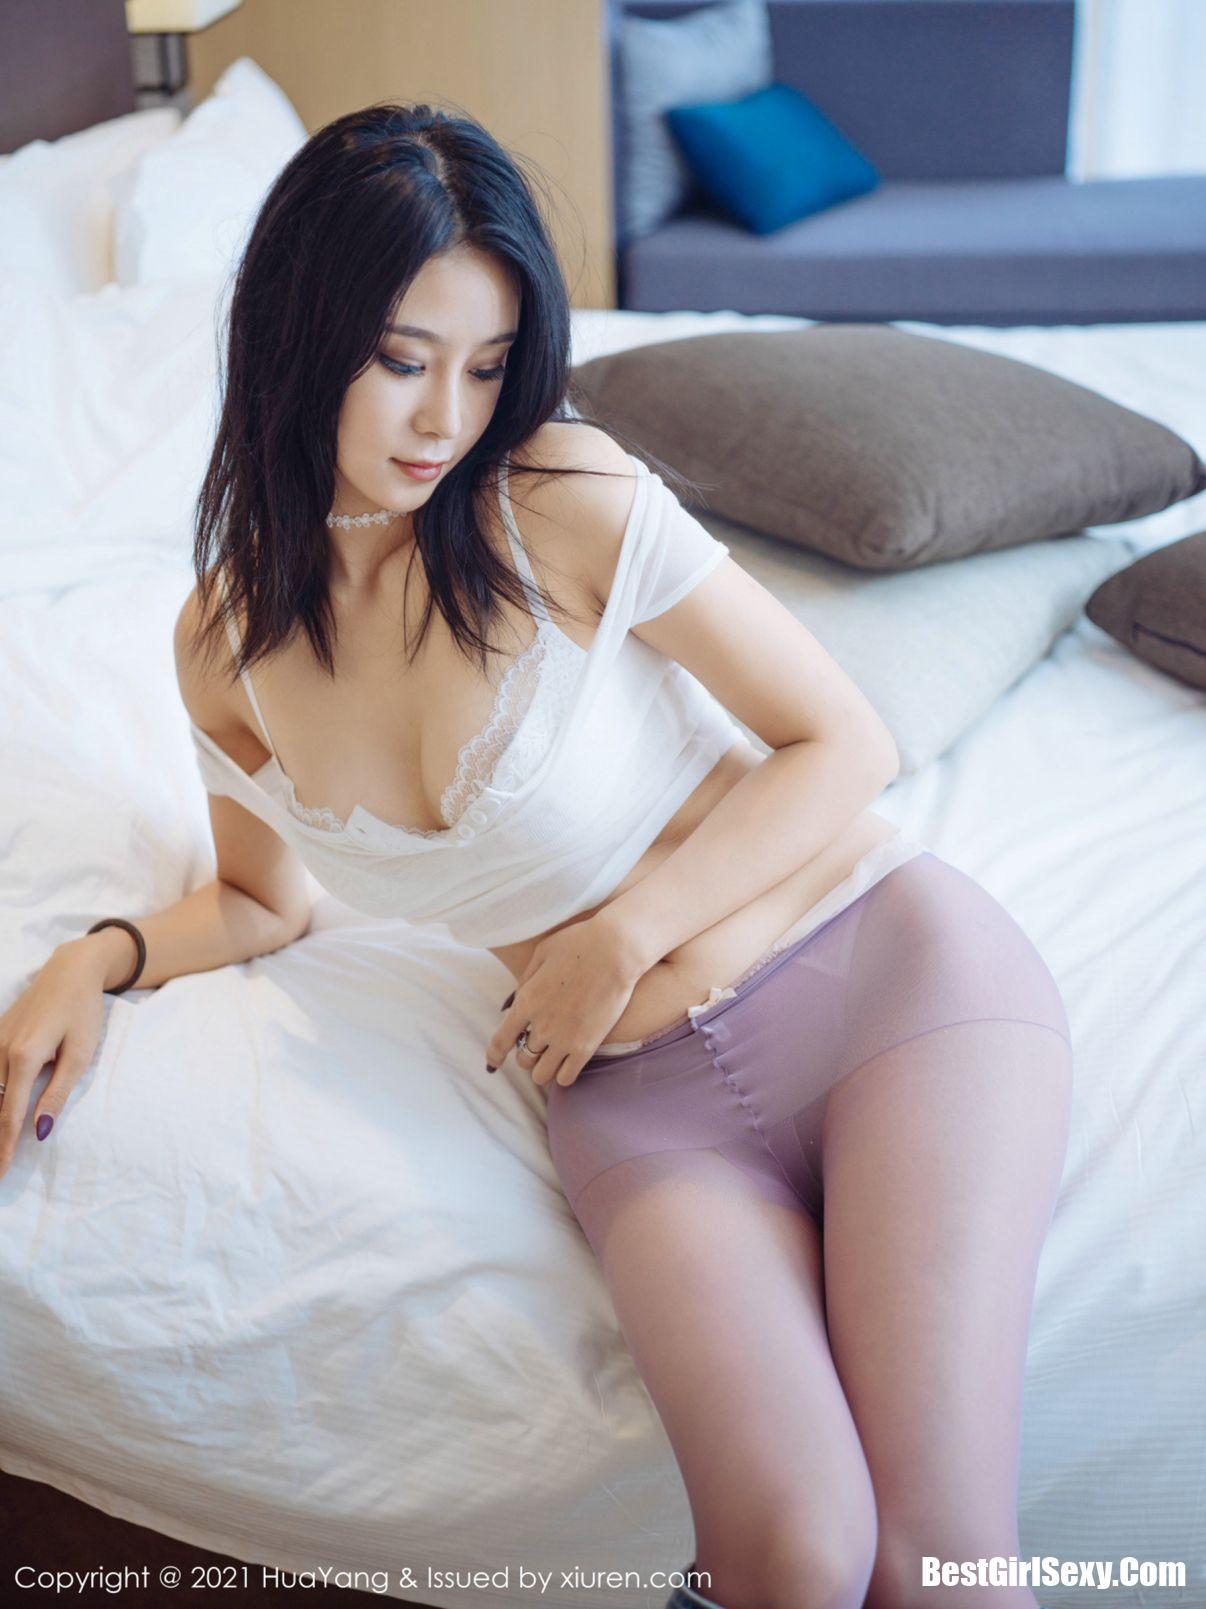 蓝夏Akasha, Liu Yi Lei, HuaYang花漾Show Vol.405 Liu Yi Lei, HuaYang花漾Show Vol.405